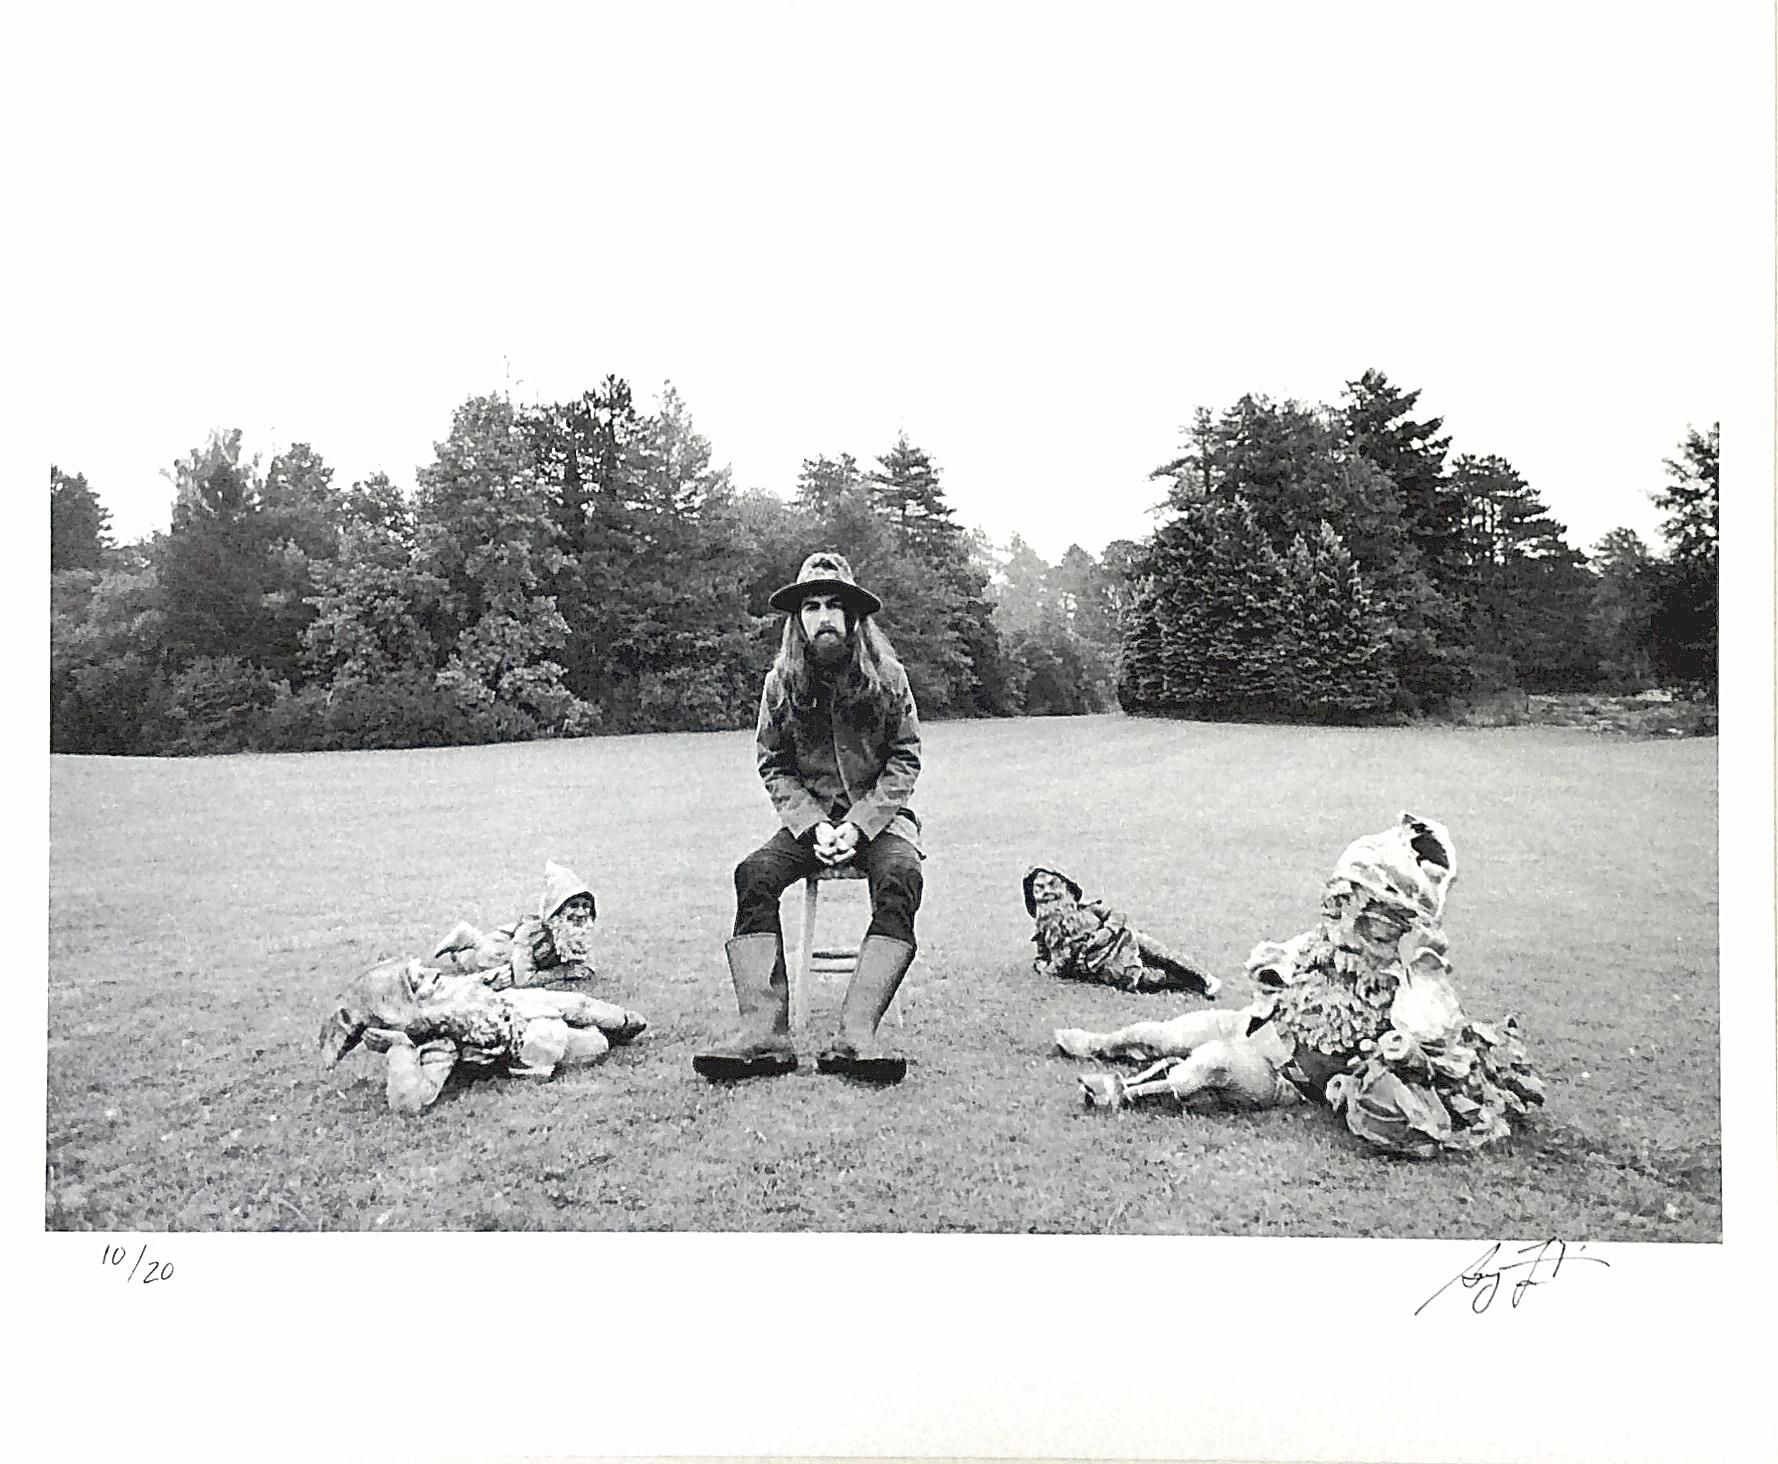 הר געש מתפרץ: עוזי בירמן על All Things Must Pass של ג'ורג' האריסון